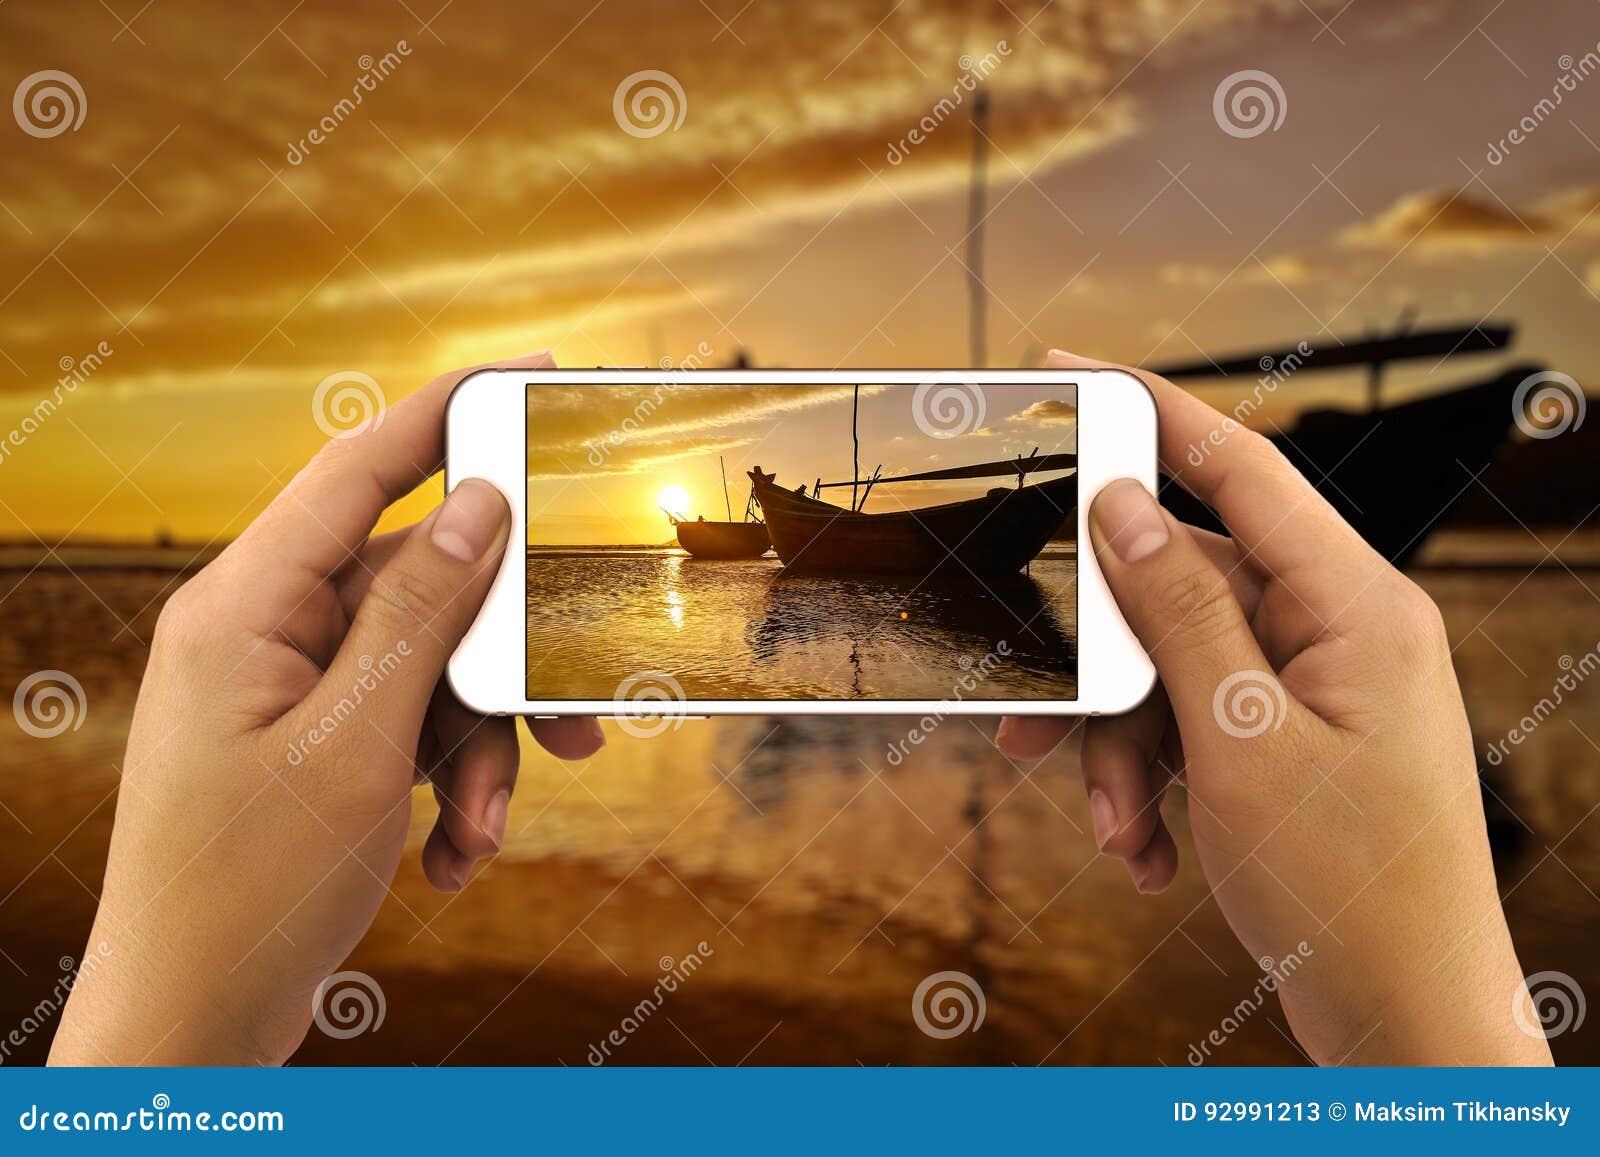 Mani che prendono foto dallo smartphone